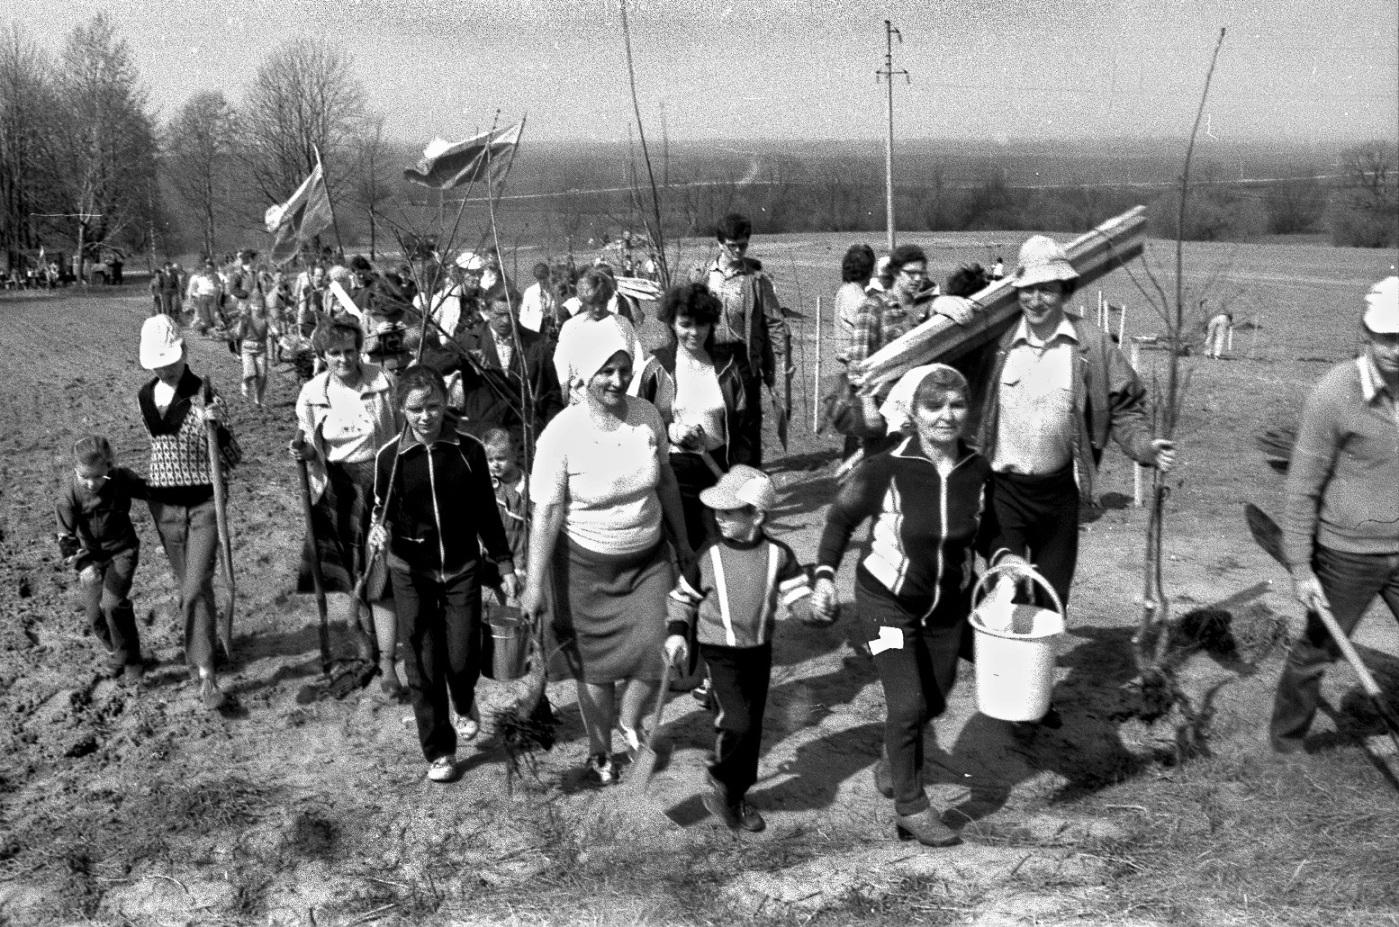 1989 pavasaris. Sodinamas Tautos Atgimimo Ąžuolynas Ožkabaliuose | R.Čėplos nuotr.